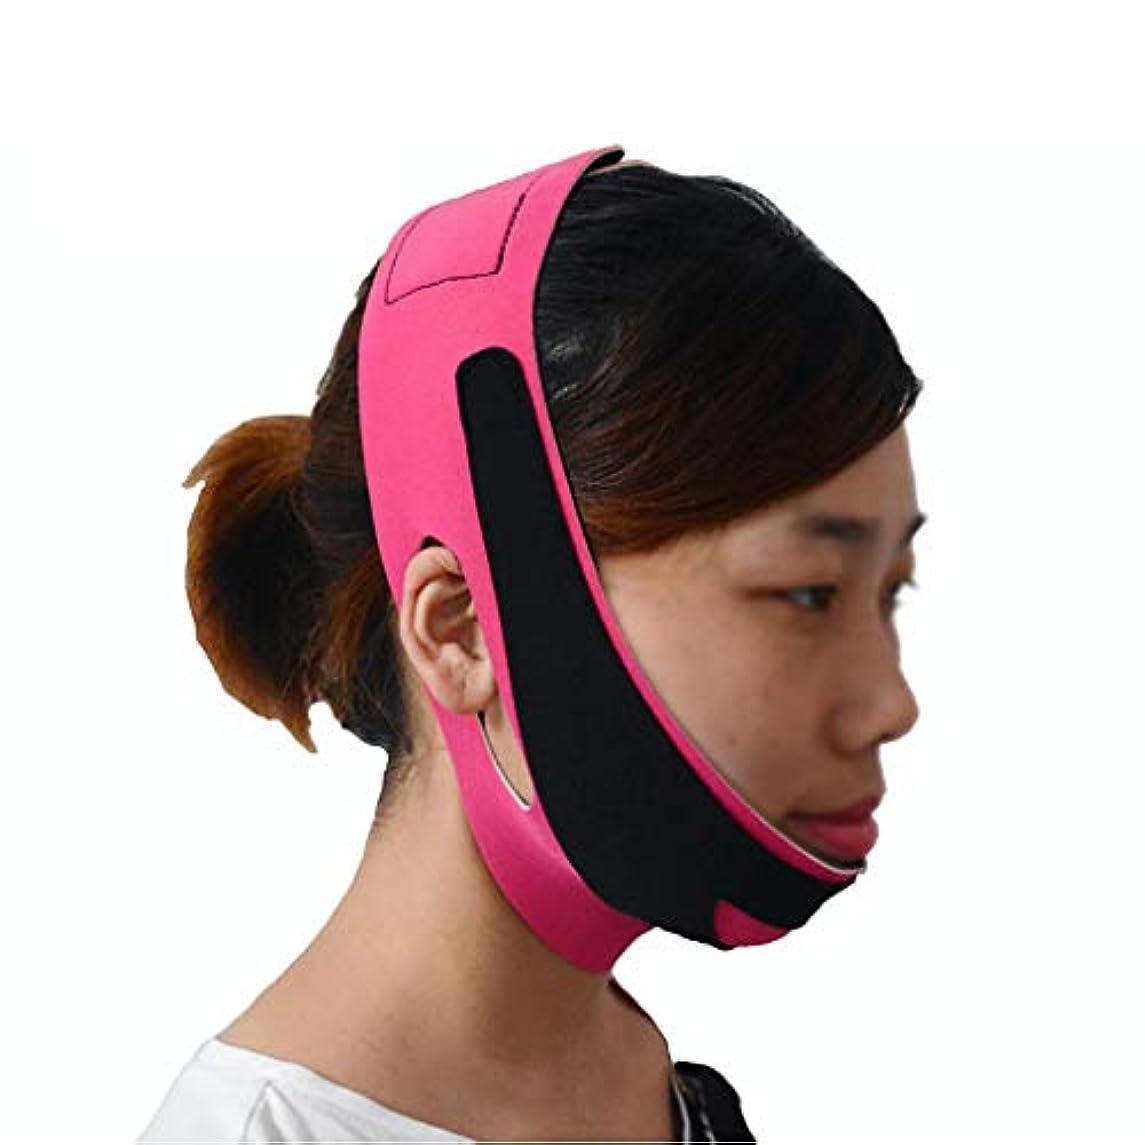 体系的に陪審切り離すXHLMRMJ 顔面マスク、顔面リフトマスク薄い顔をあごに薄く包帯V顔アーティファクトに直面する